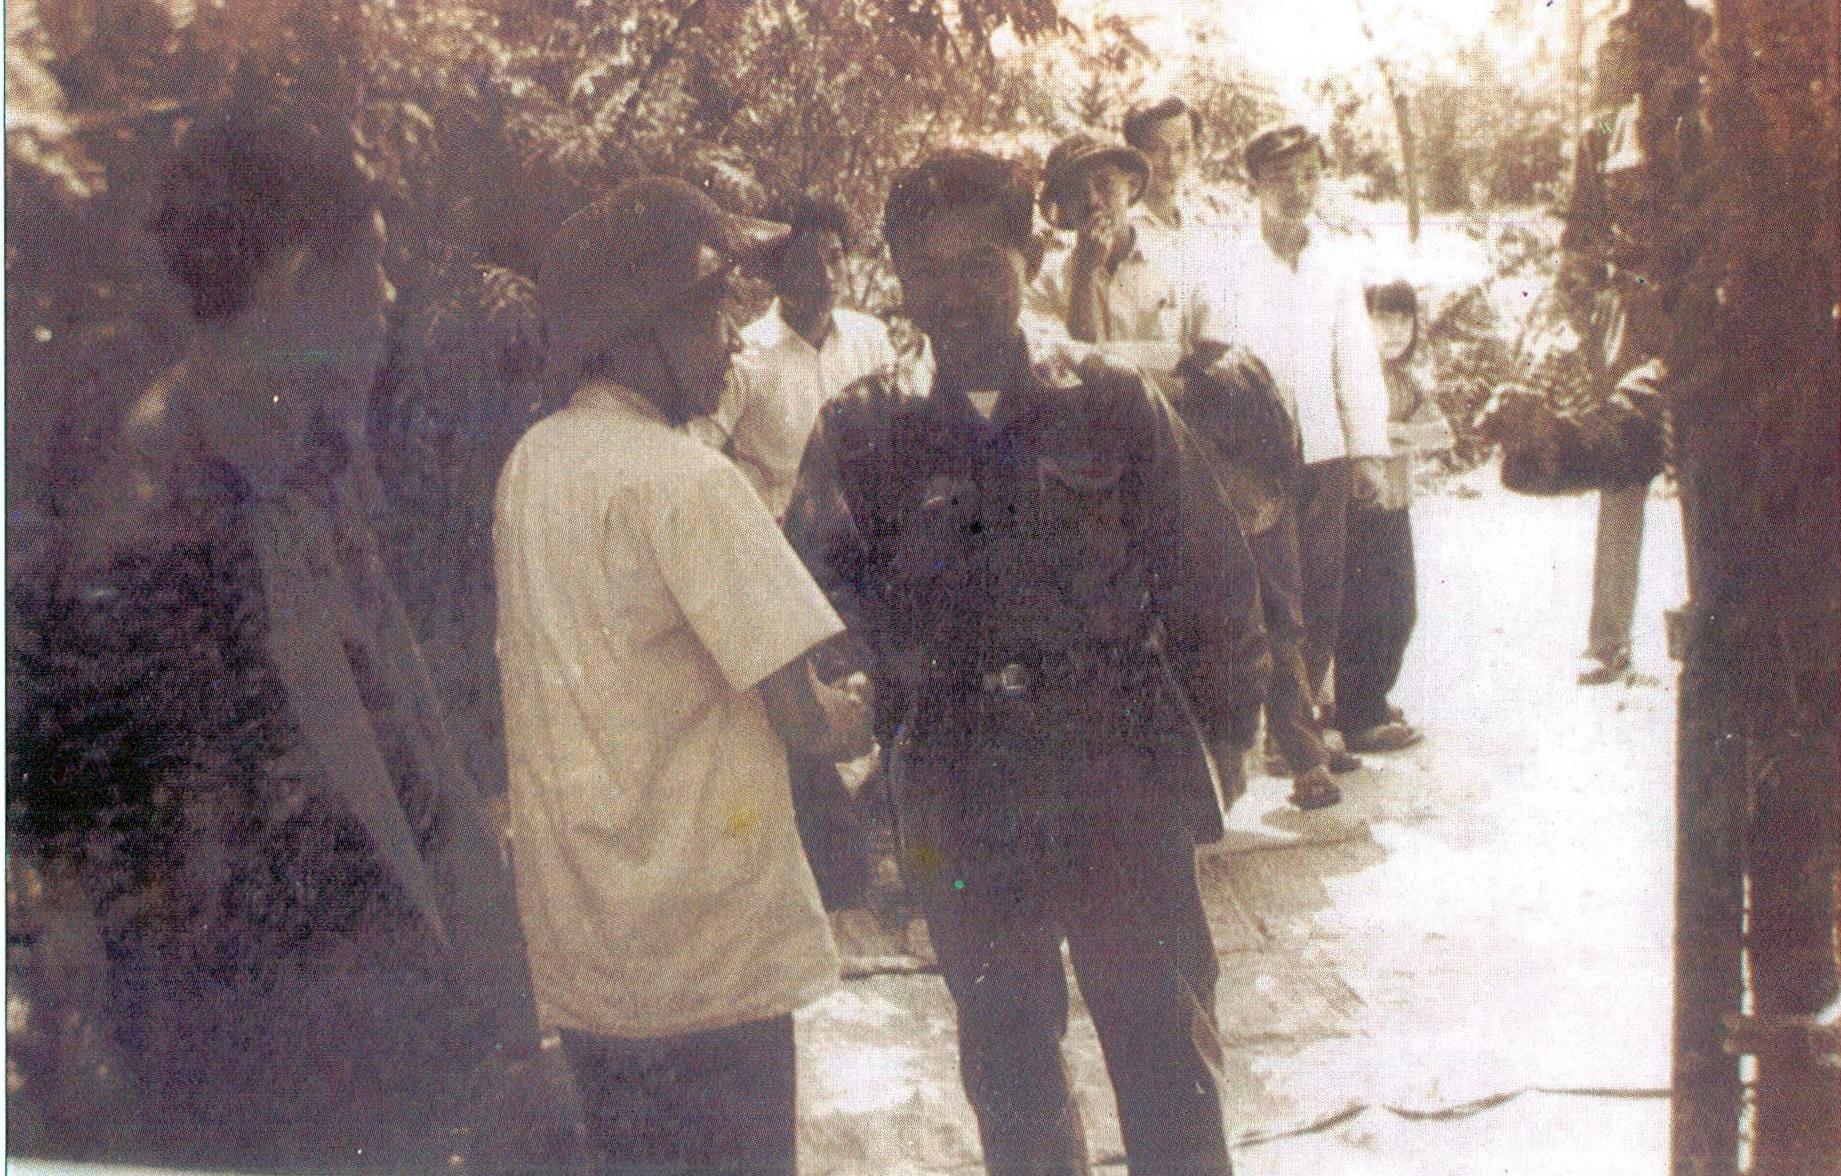 Đồng chí Phạm Hồng Quang - Ủy viên Thường vụ Đặc Khu ủy chia tay đồng chí Trần Thận - Bí thư Đặc Khu ủy Quảng Đà để hành quân về hướng đông thành phố.